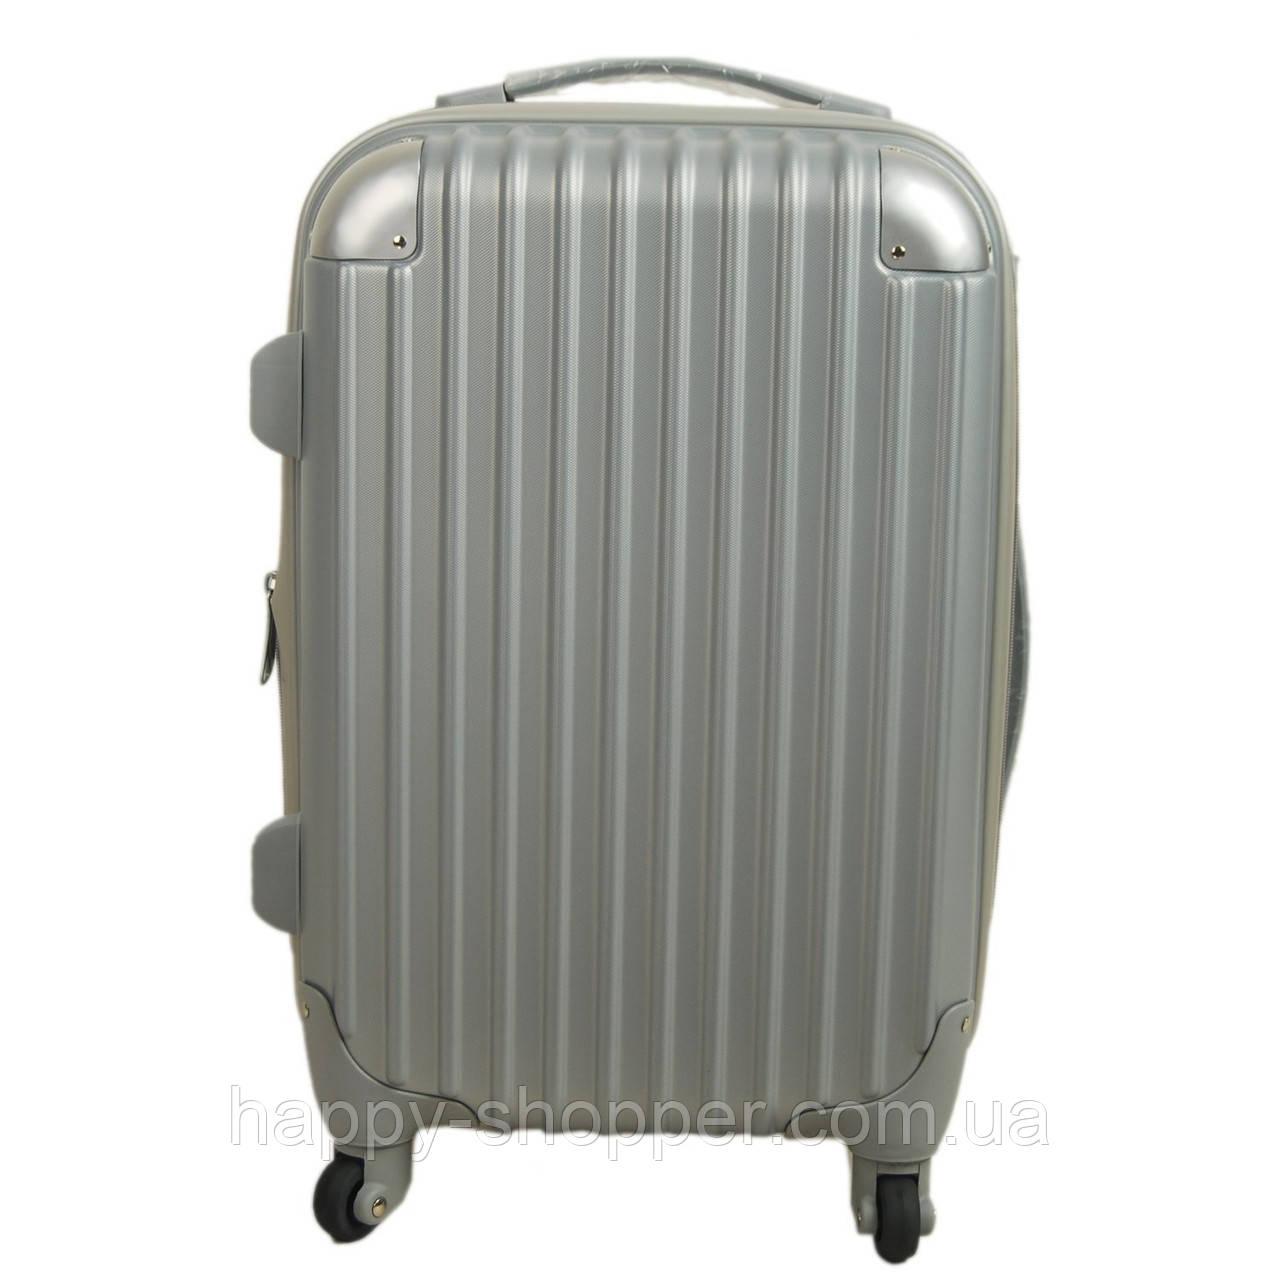 Средний серый чемодан Ambassador® Scallop